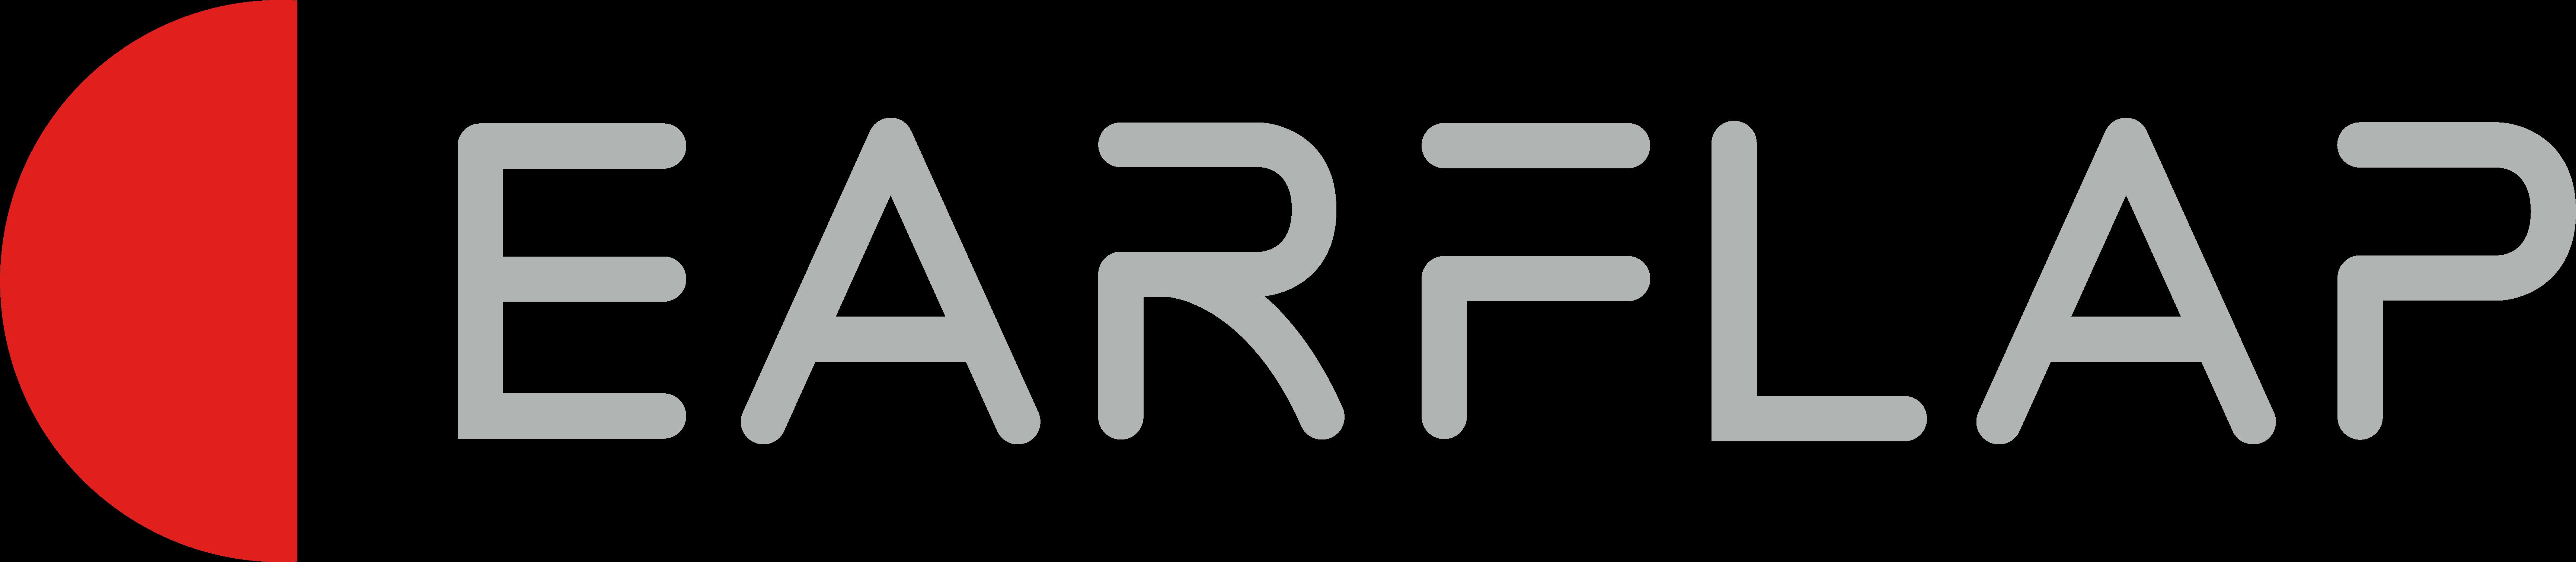 Logo EARFLAP 2020 rectangular GRIS